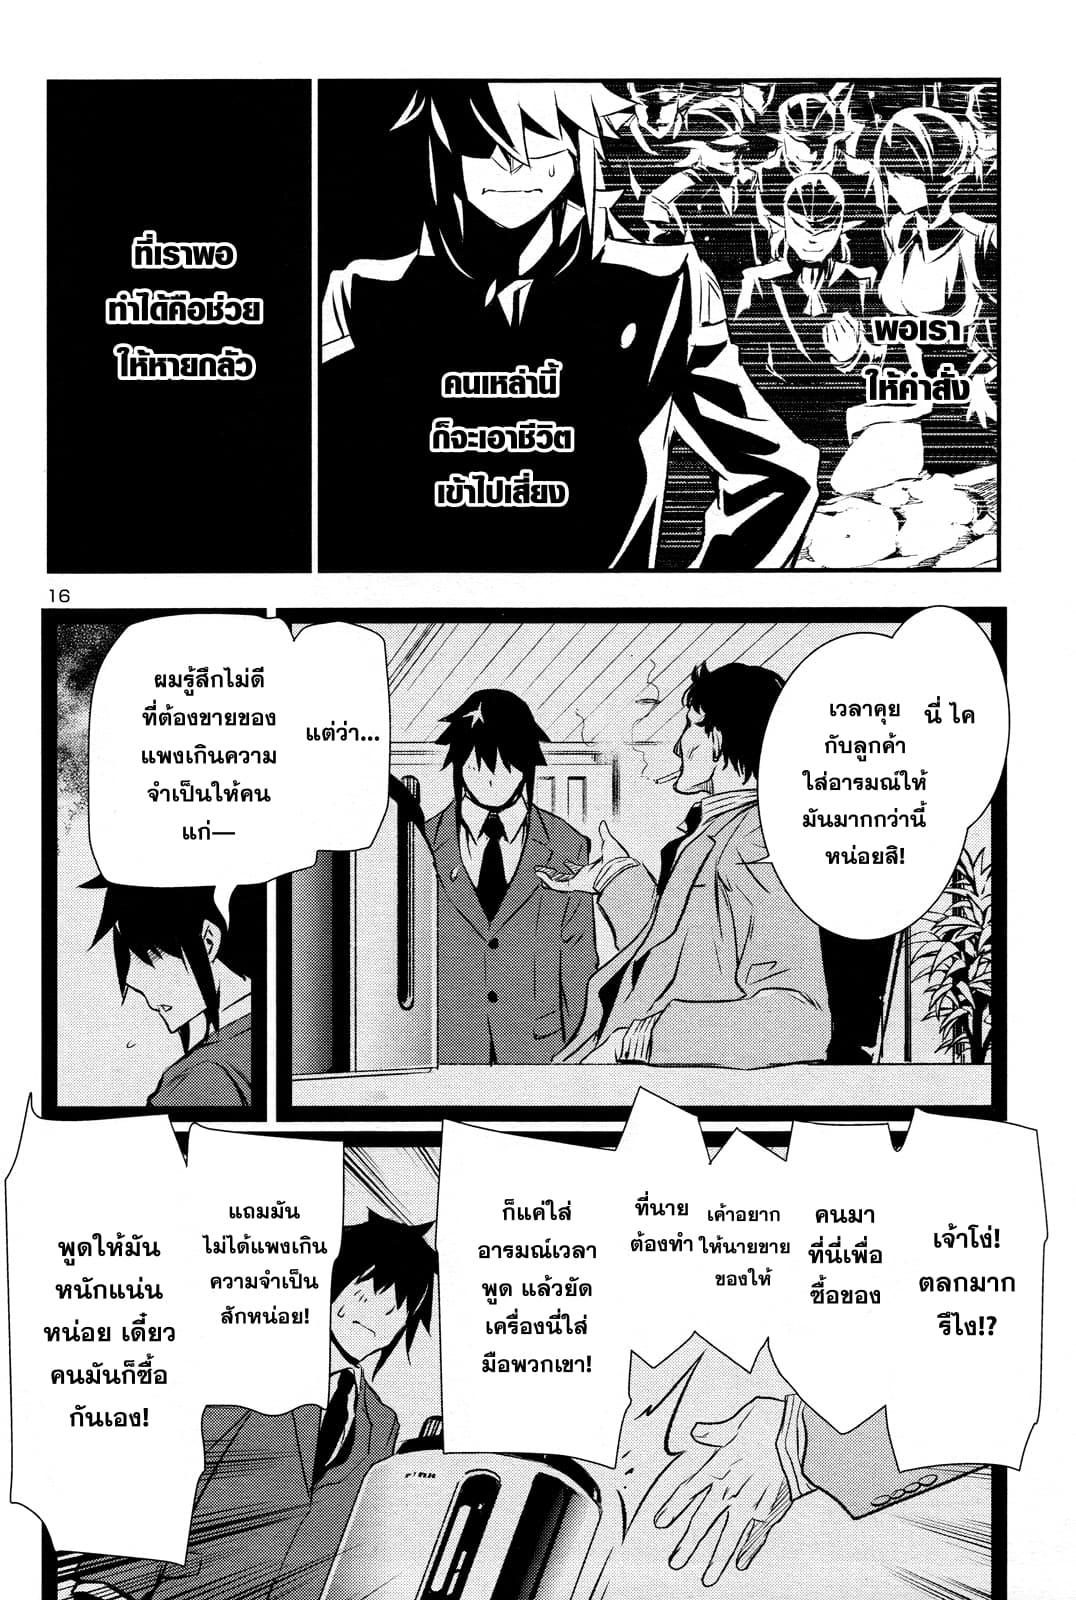 อ่านการ์ตูน Shinju no Nectar ตอนที่ 6 หน้าที่ 16